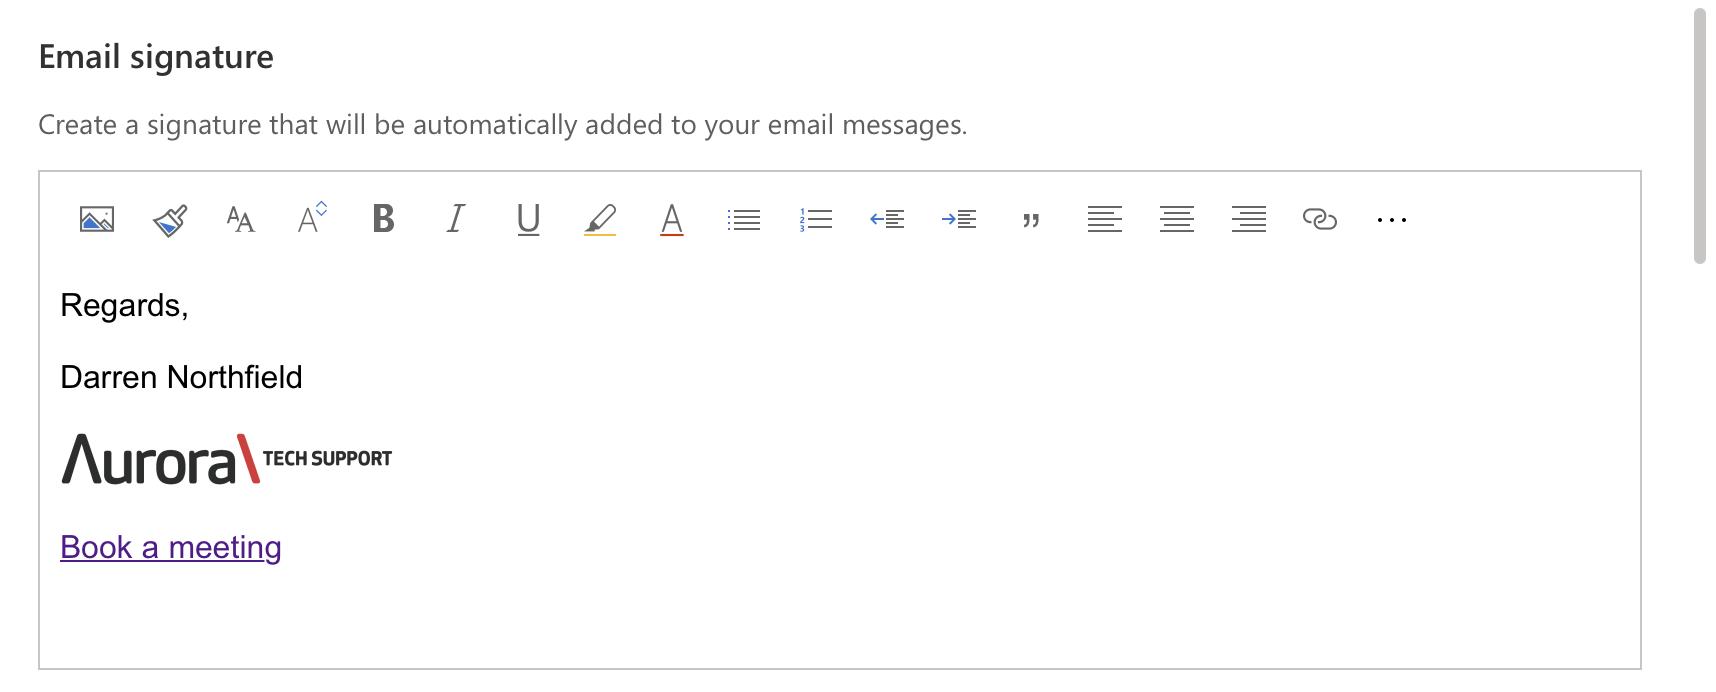 Microsoft 365 - Signature